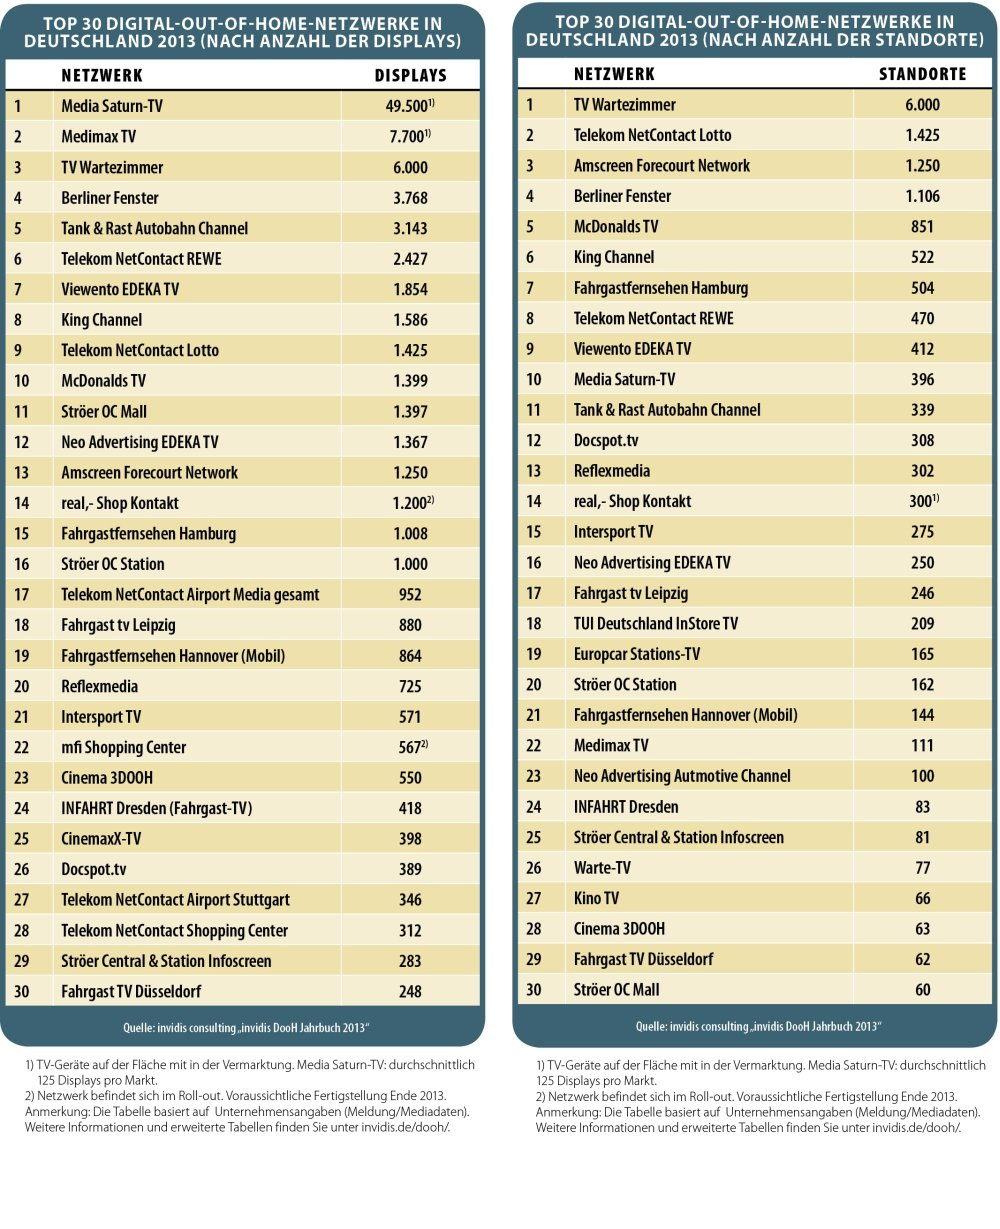 Top 30 Digital-out-of-Home-Netzwerke in Deutschland 2013 (nach Anzahl der Displays und Standorte), Quelle: invidis consulting